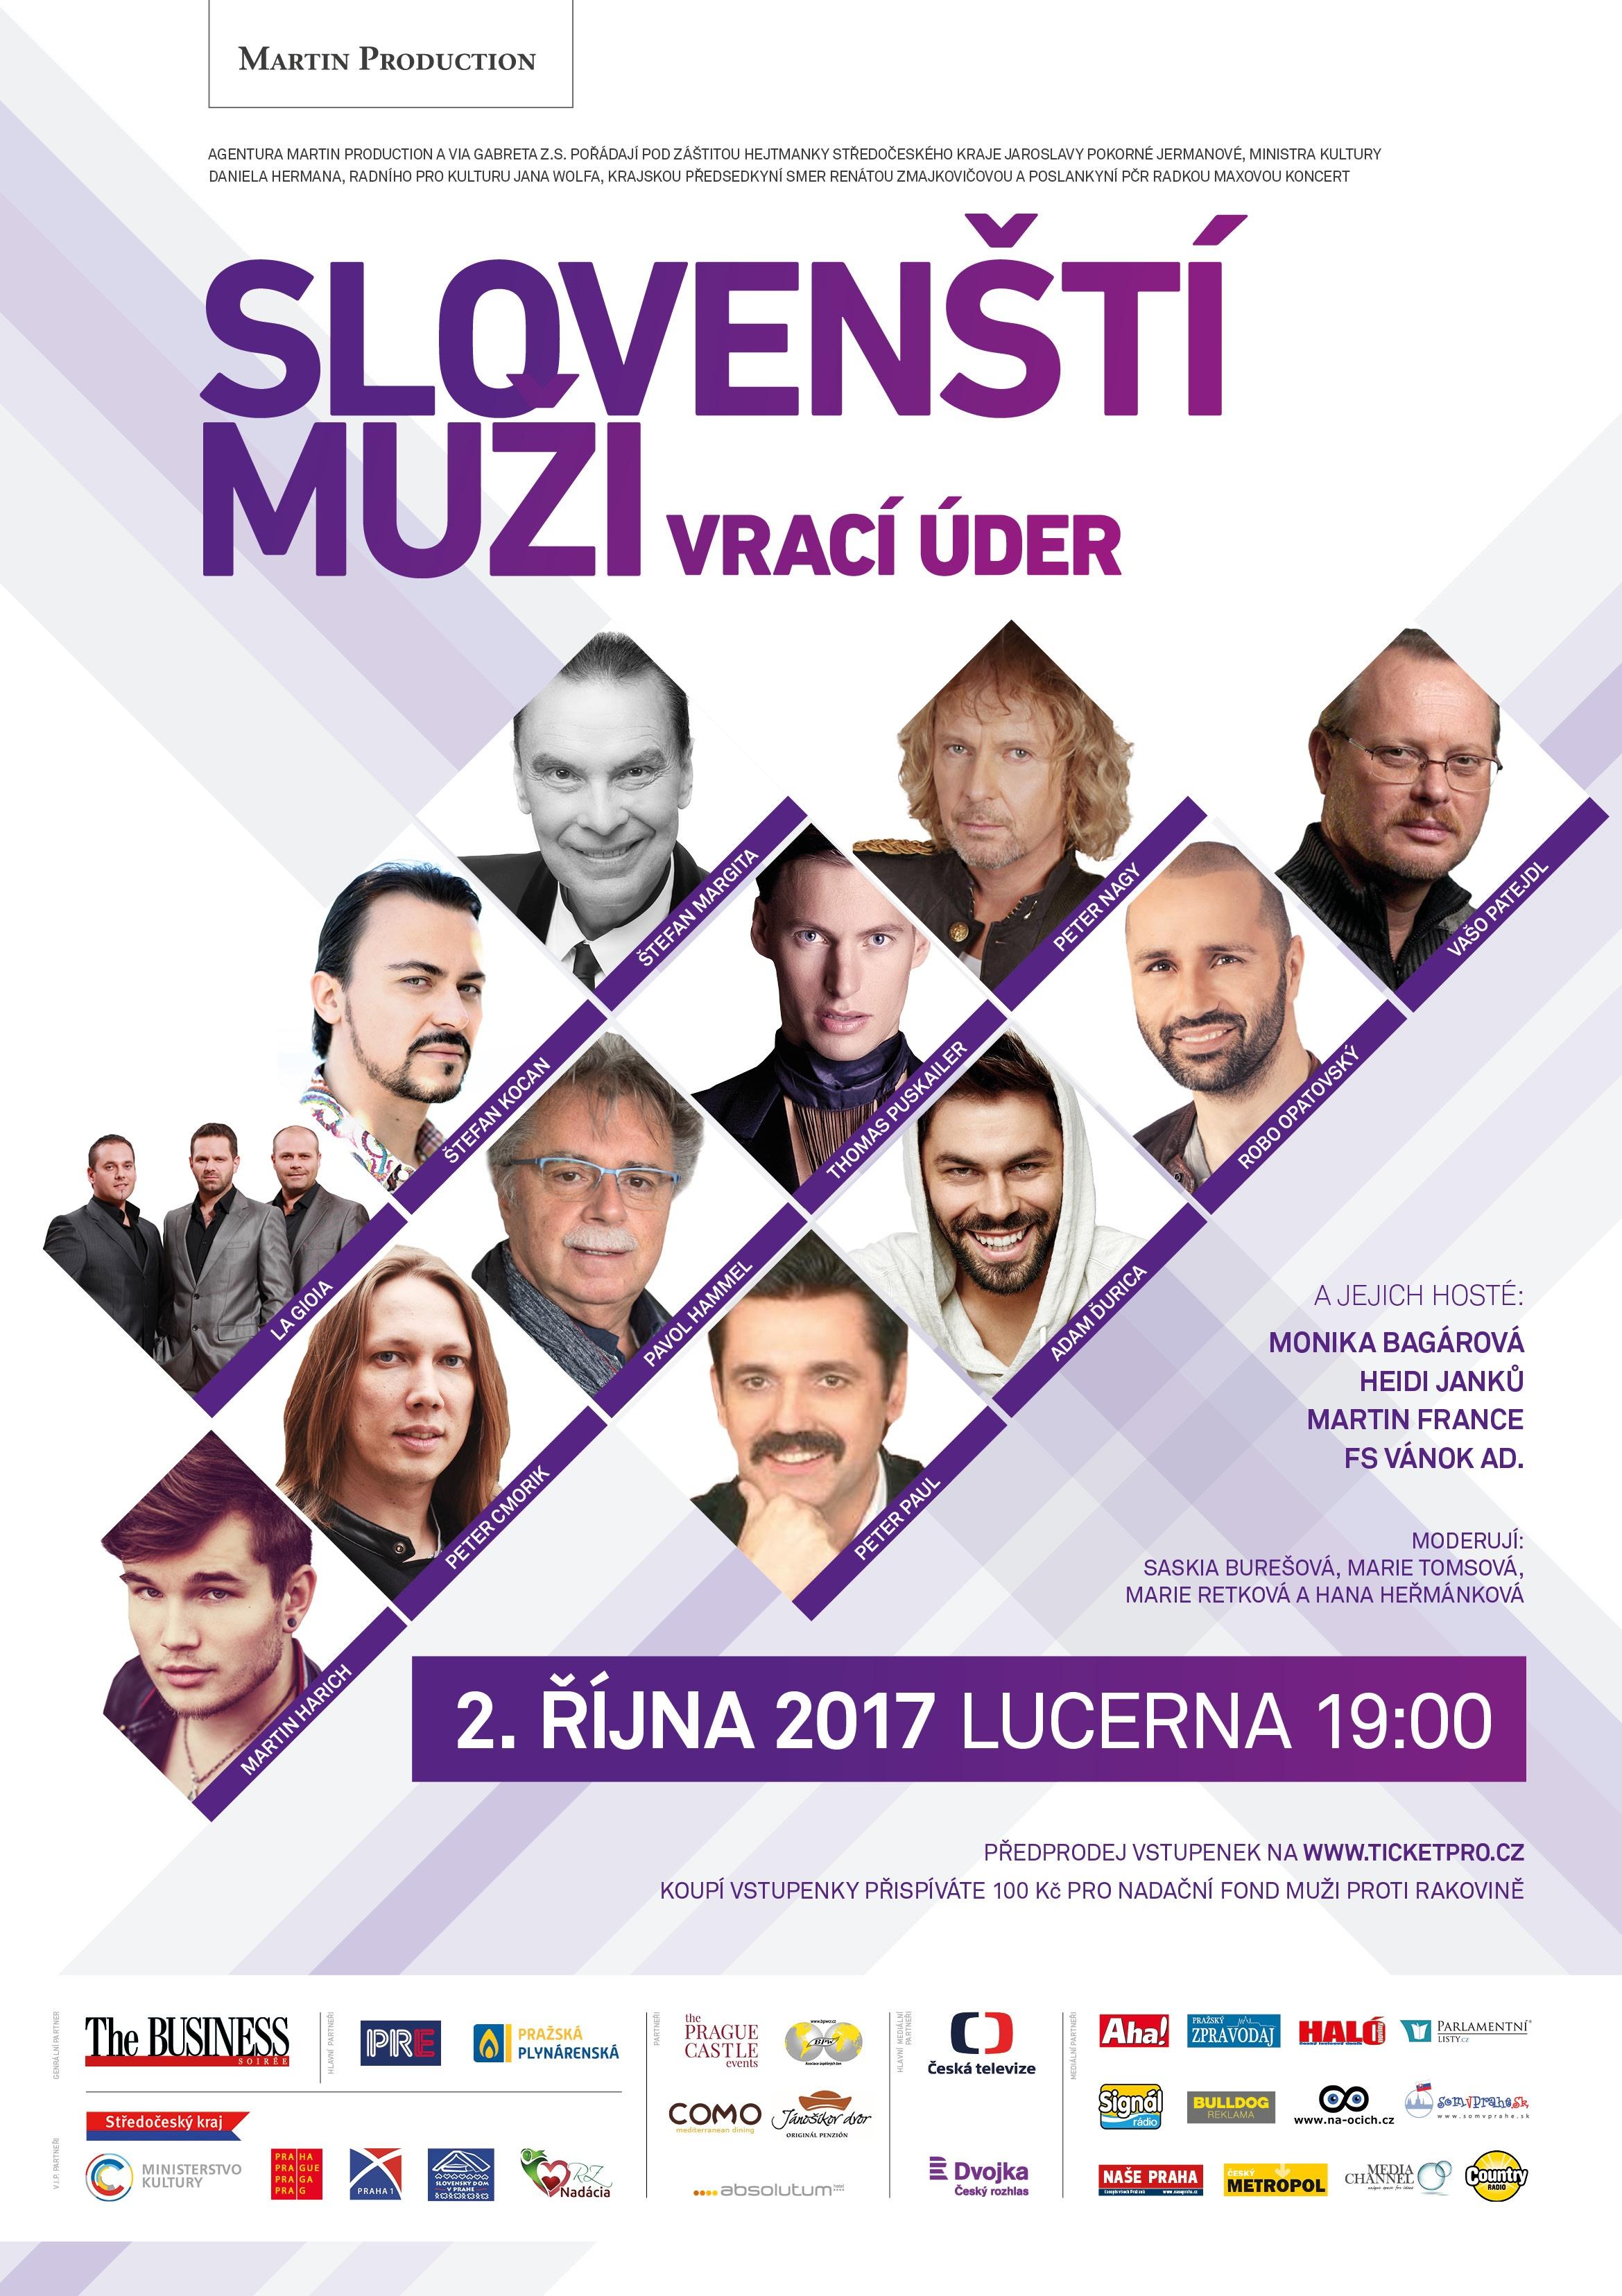 Koncert: Slovenští muži vrací úder